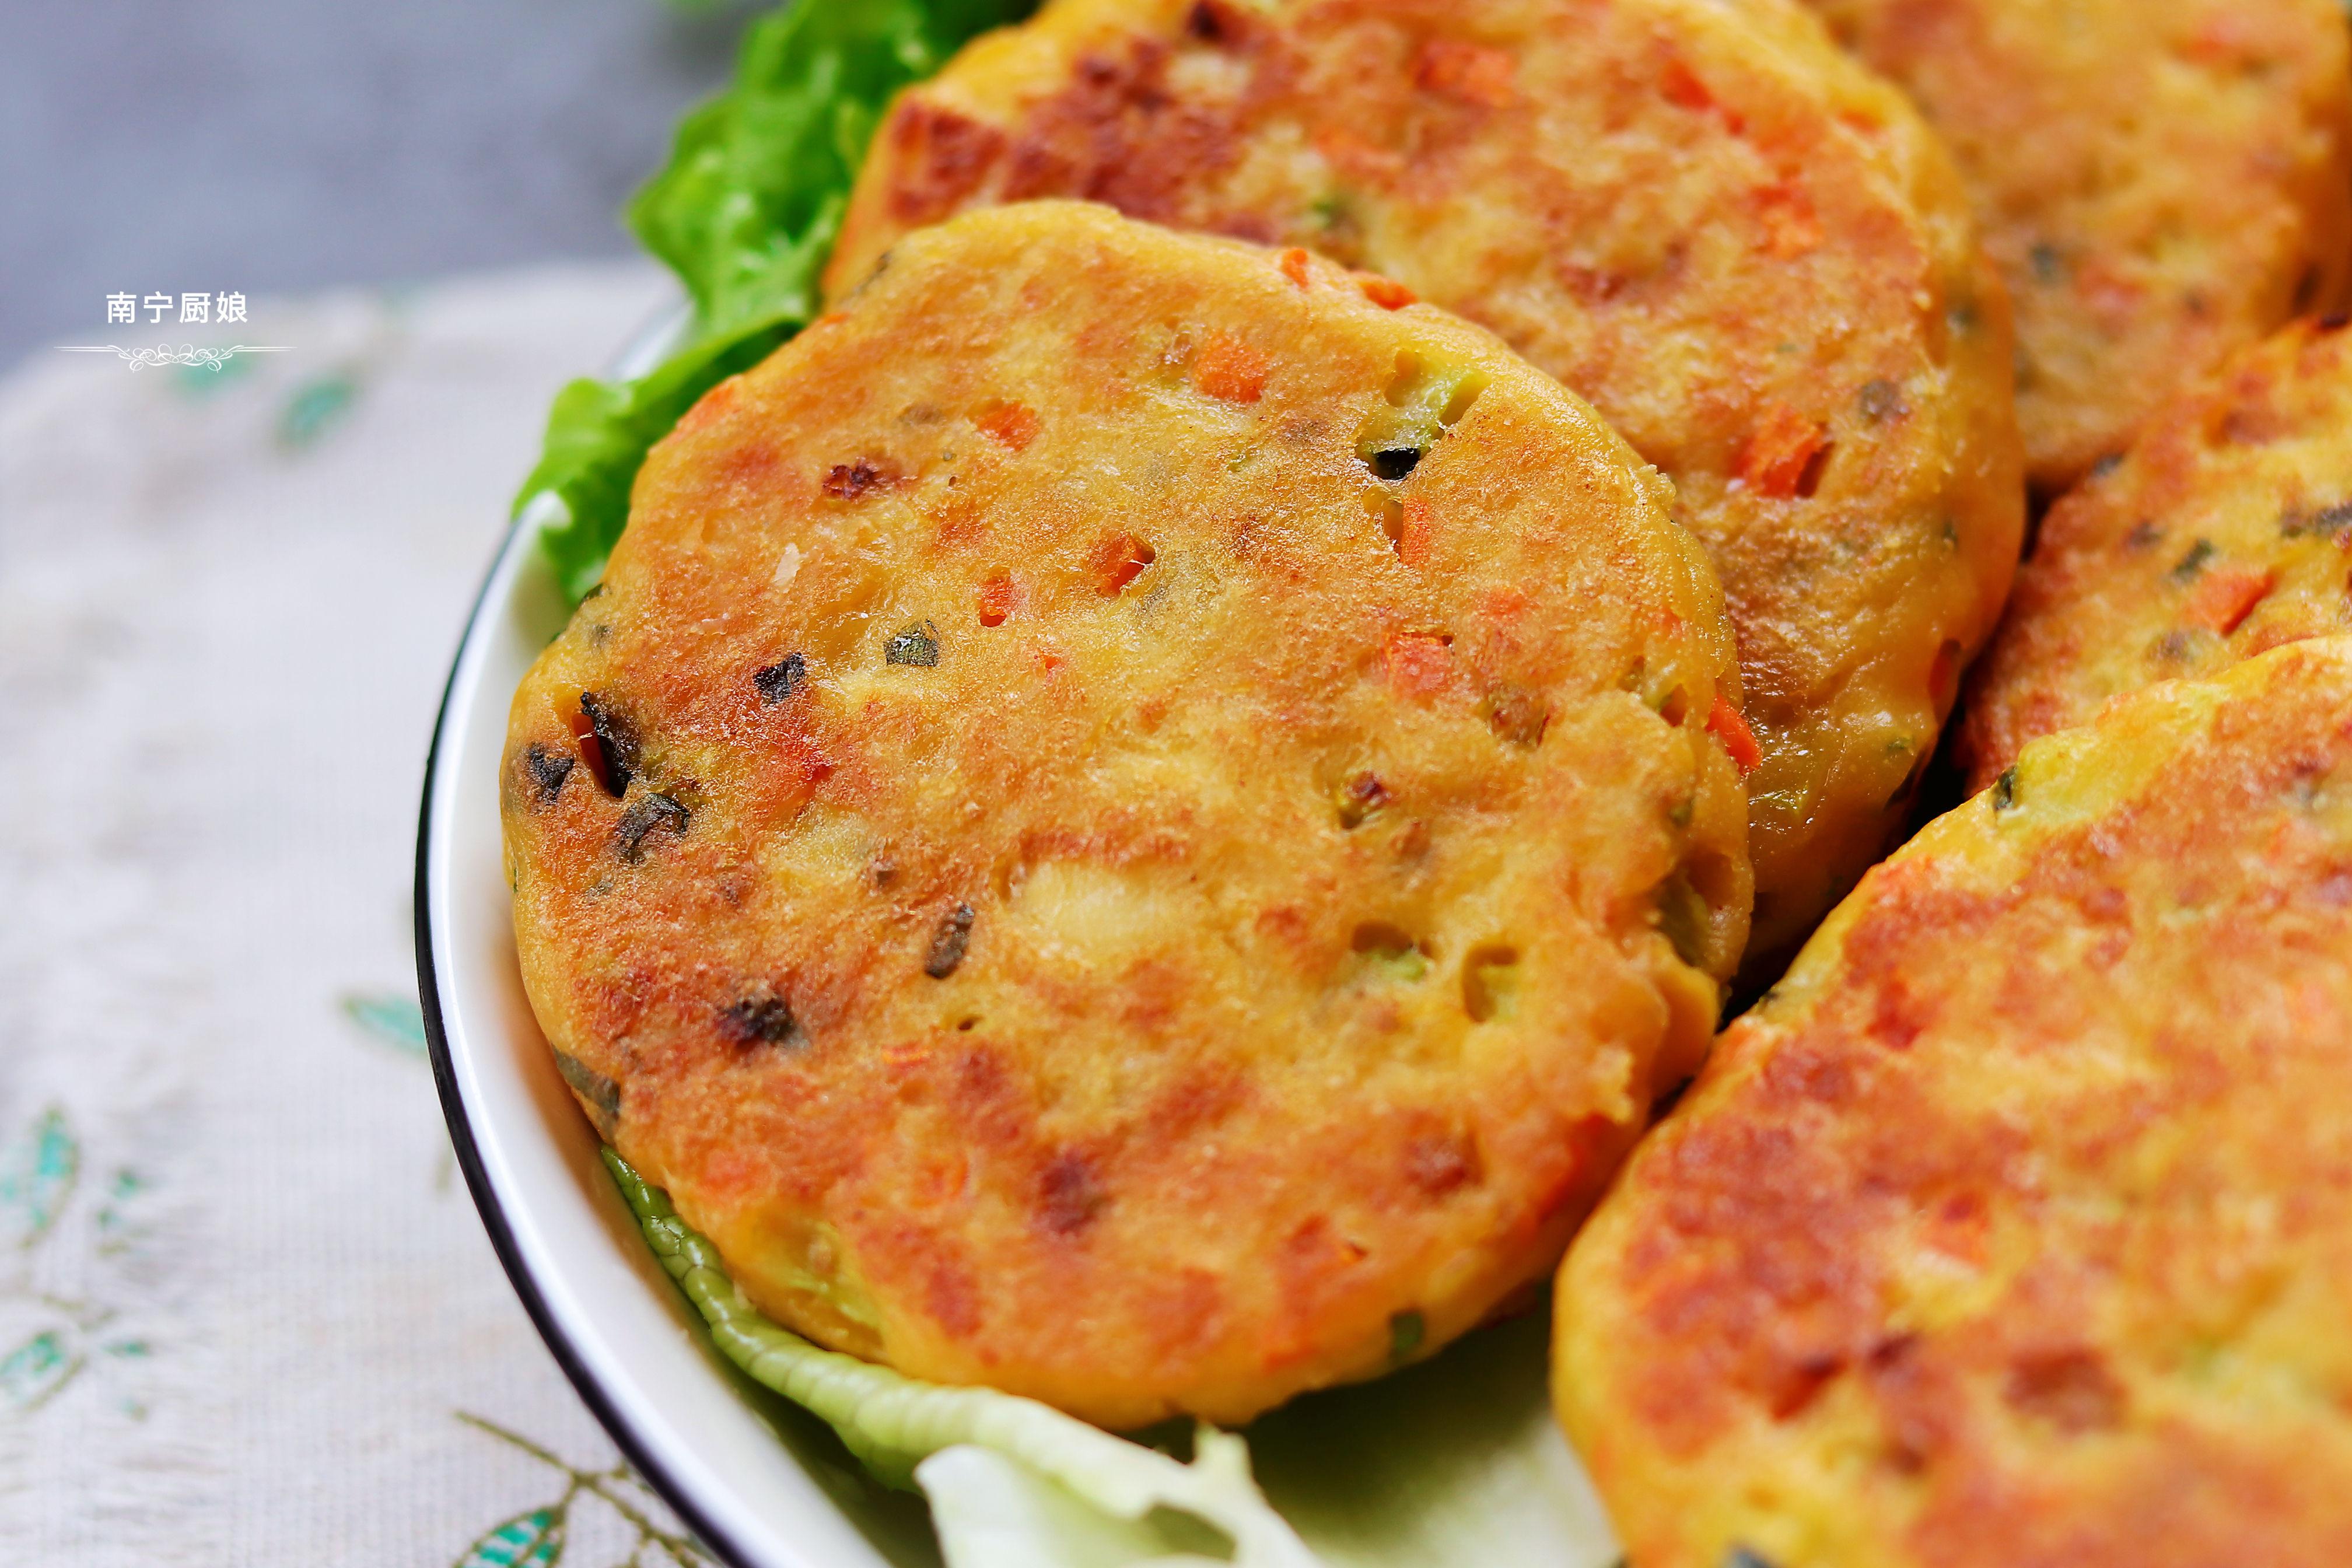 鸡蛋搭配豆腐,只需10分钟,就能做出一道营养丰富又美味的早餐